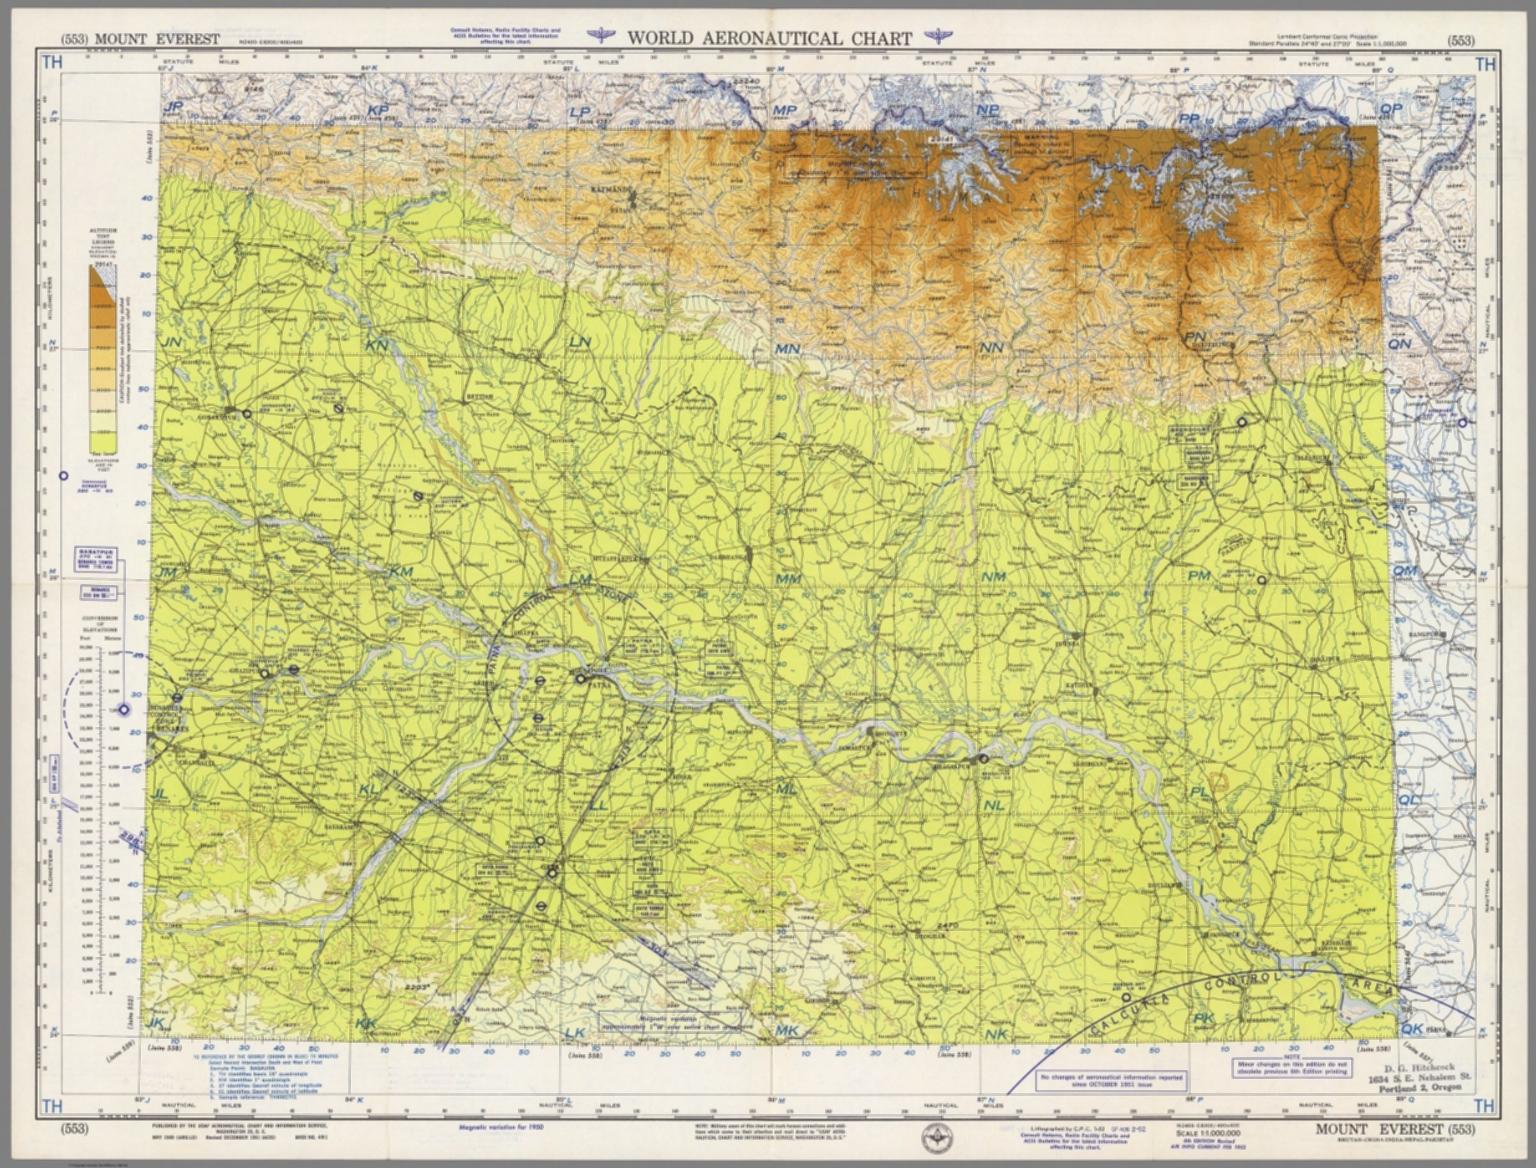 World Aeronautical Chart Mount Everest 553